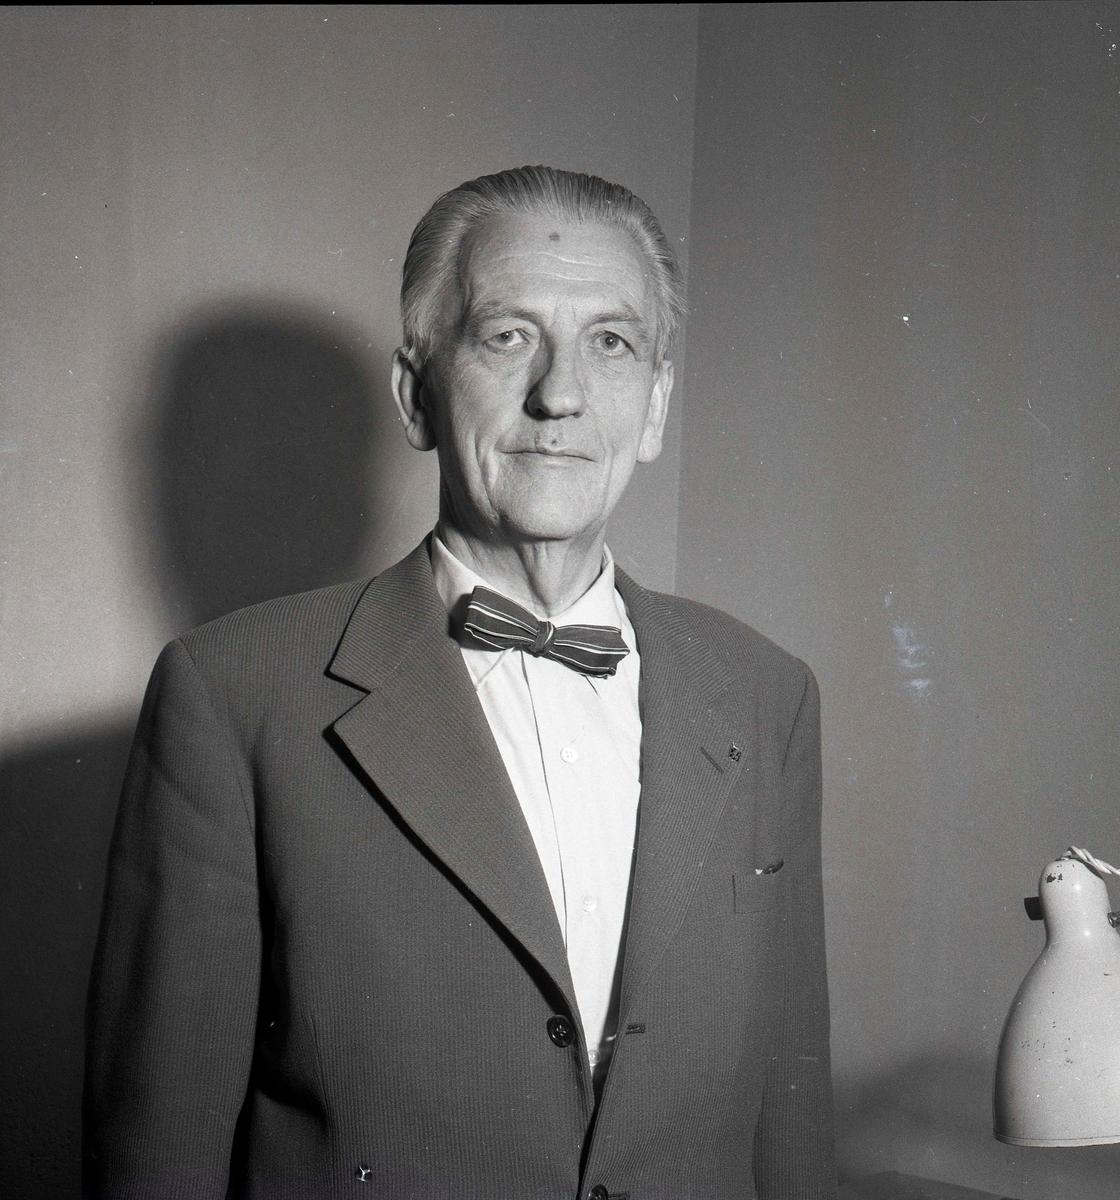 Porträtt av kyrkoherde D.A.G. Brundin, juli 1958.